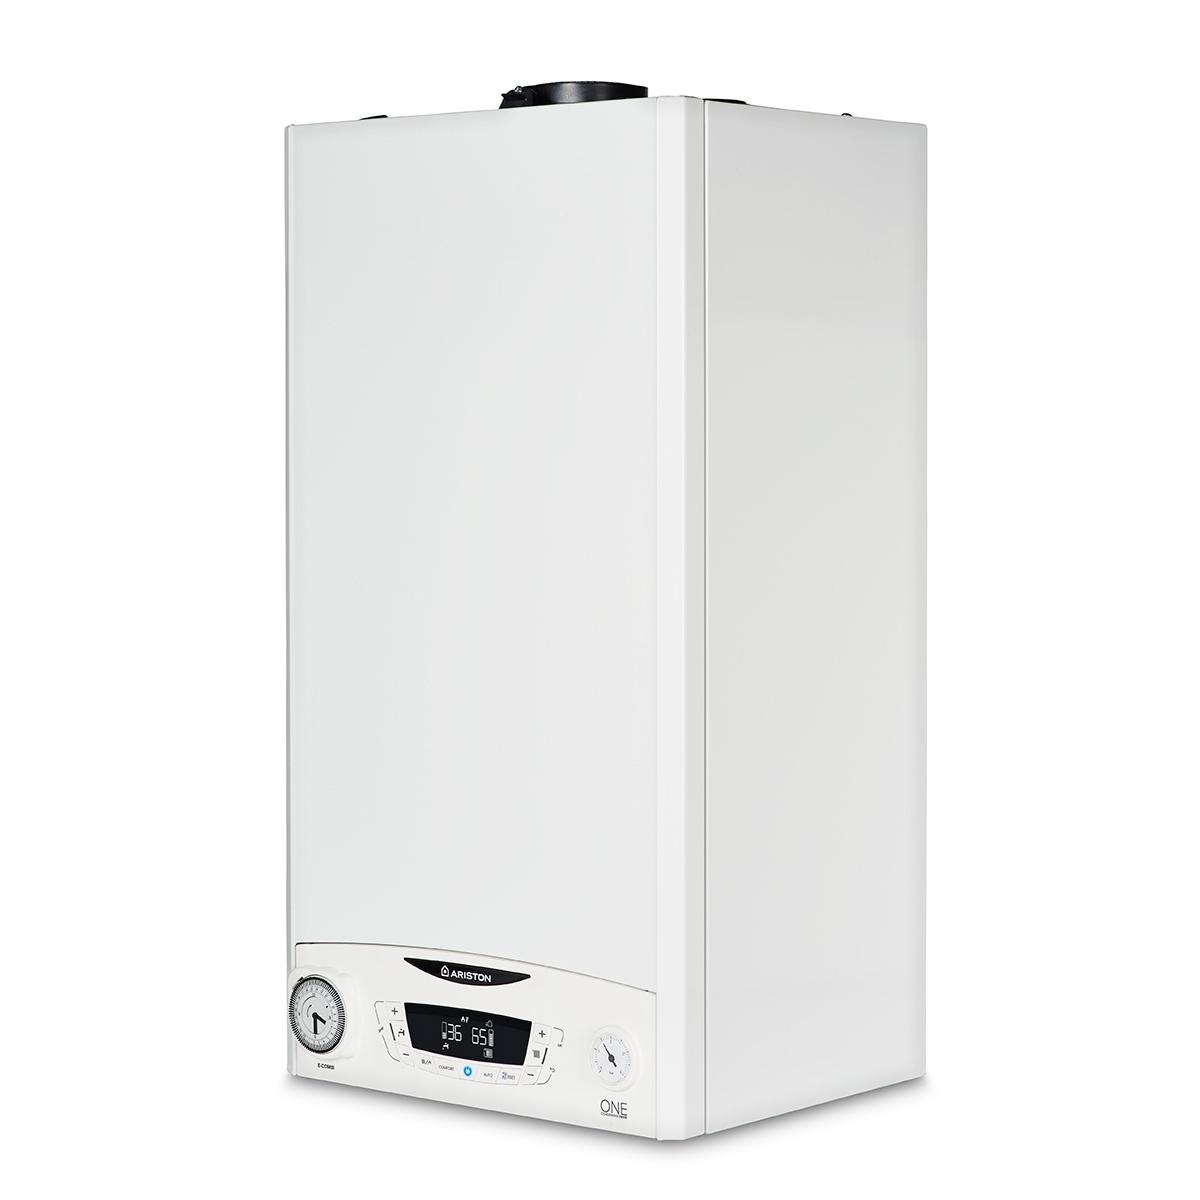 Ariston E-Combi Combination Boiler | 3301131 | Gas | Boiler House